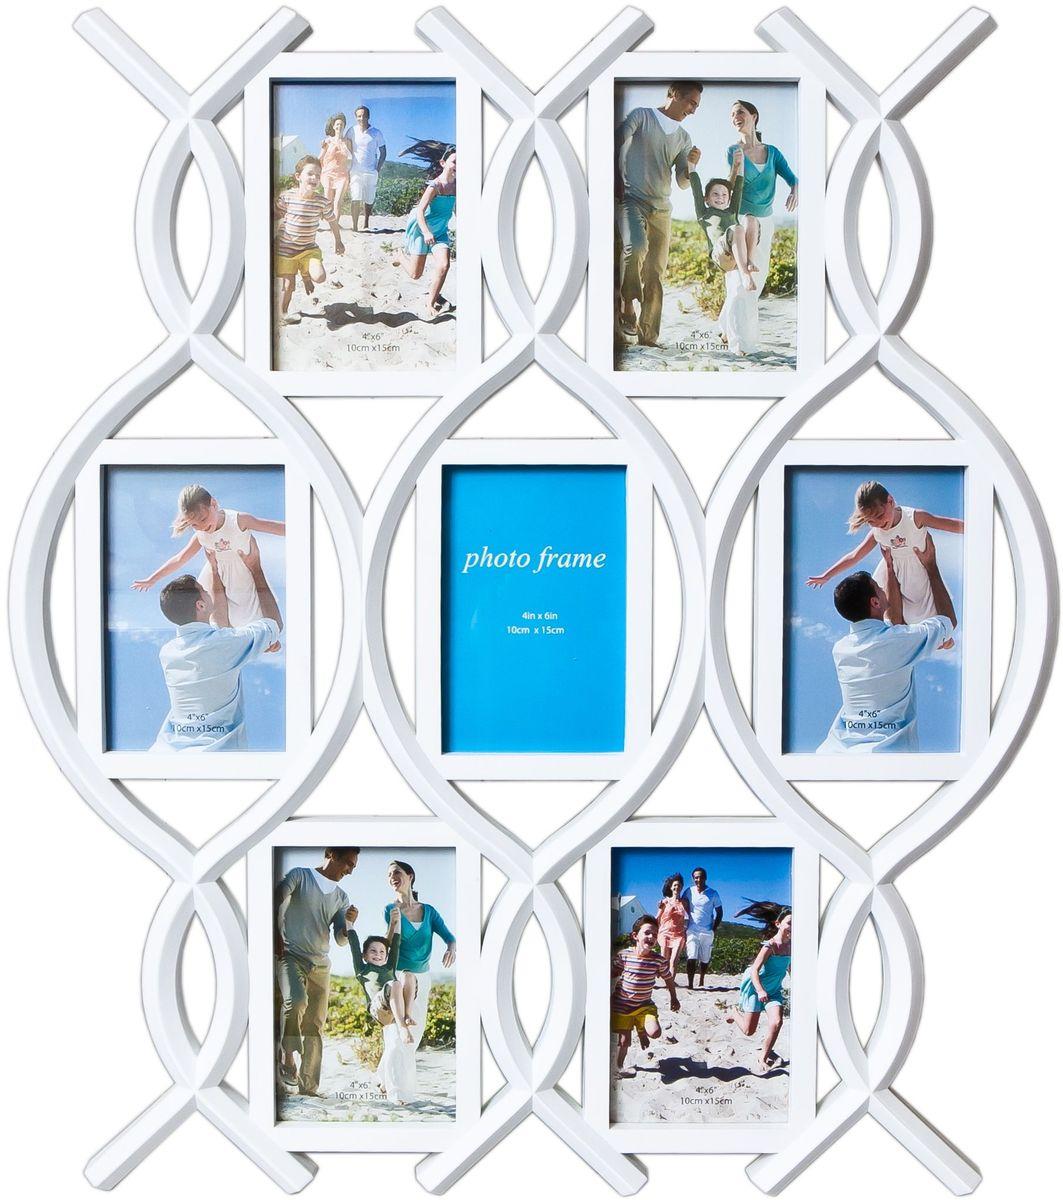 Фоторамка Platinum, цвет: белый, на 7 фото 10 х 15 см. BH-1407PLATINUM BH-1407-White-БелыйФоторамка Platinum - прекрасный способ красиво оформить ваши фотографии. Фоторамка выполнена из пластика и защищена стеклом. Фоторамка-коллаж представляет собой семь фоторамок для фото одного размера оригинально соединенных между собой. Такая фоторамка поможет сохранить в памяти самые яркие моменты вашей жизни, а стильный дизайн сделает ее прекрасным дополнением интерьера комнаты. Фоторамка подходит для фотографий 10 х 15 см. Общий размер фоторамки: 51 х 58 см.